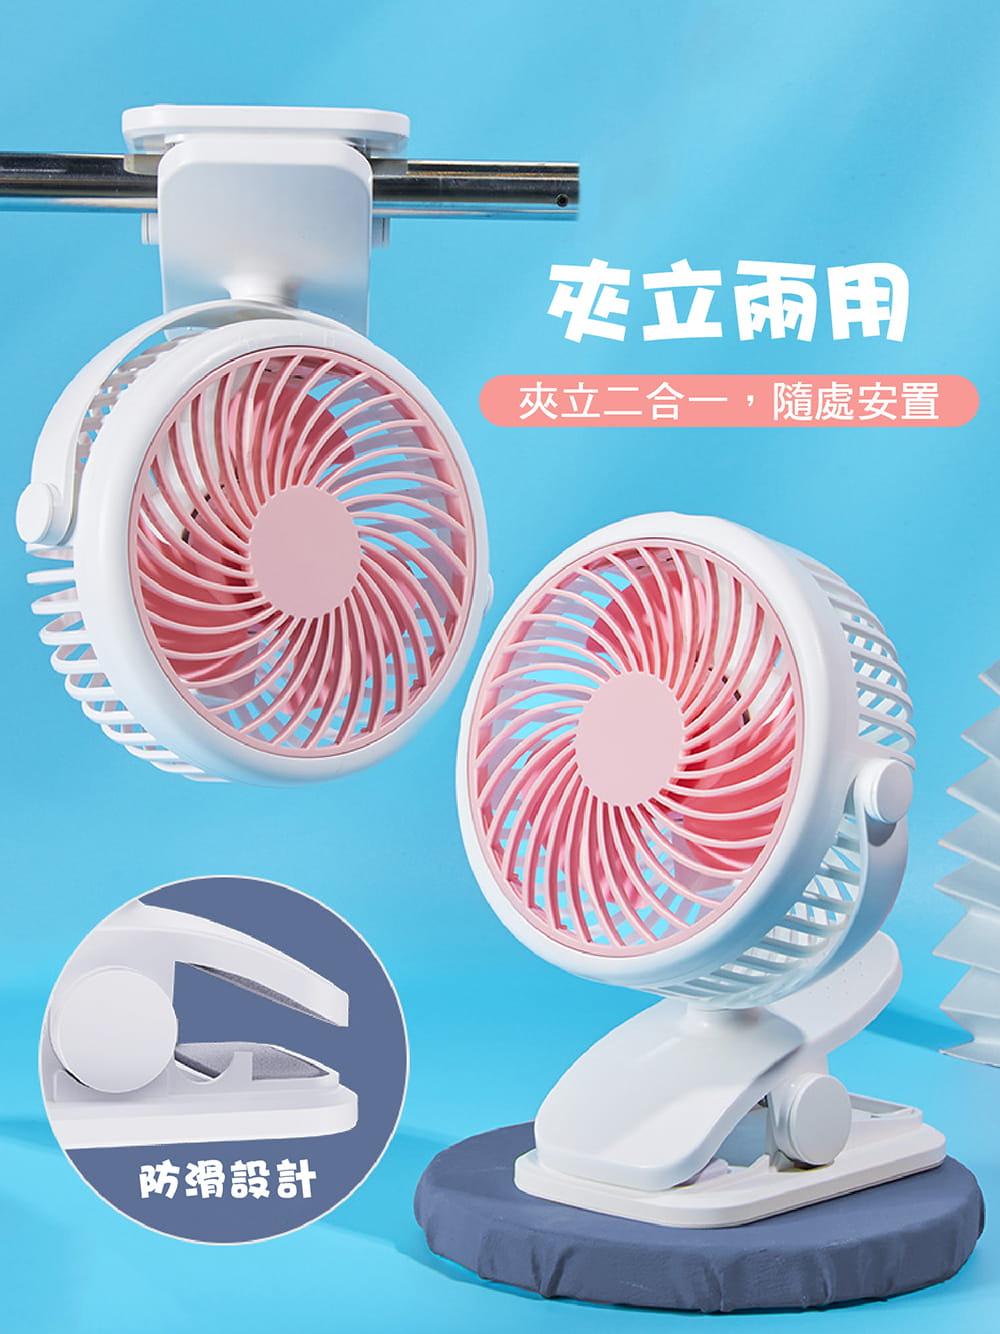 【超低噪音省電級夾式風扇】多色任選 夾式電風扇 迷你電扇夾扇 5